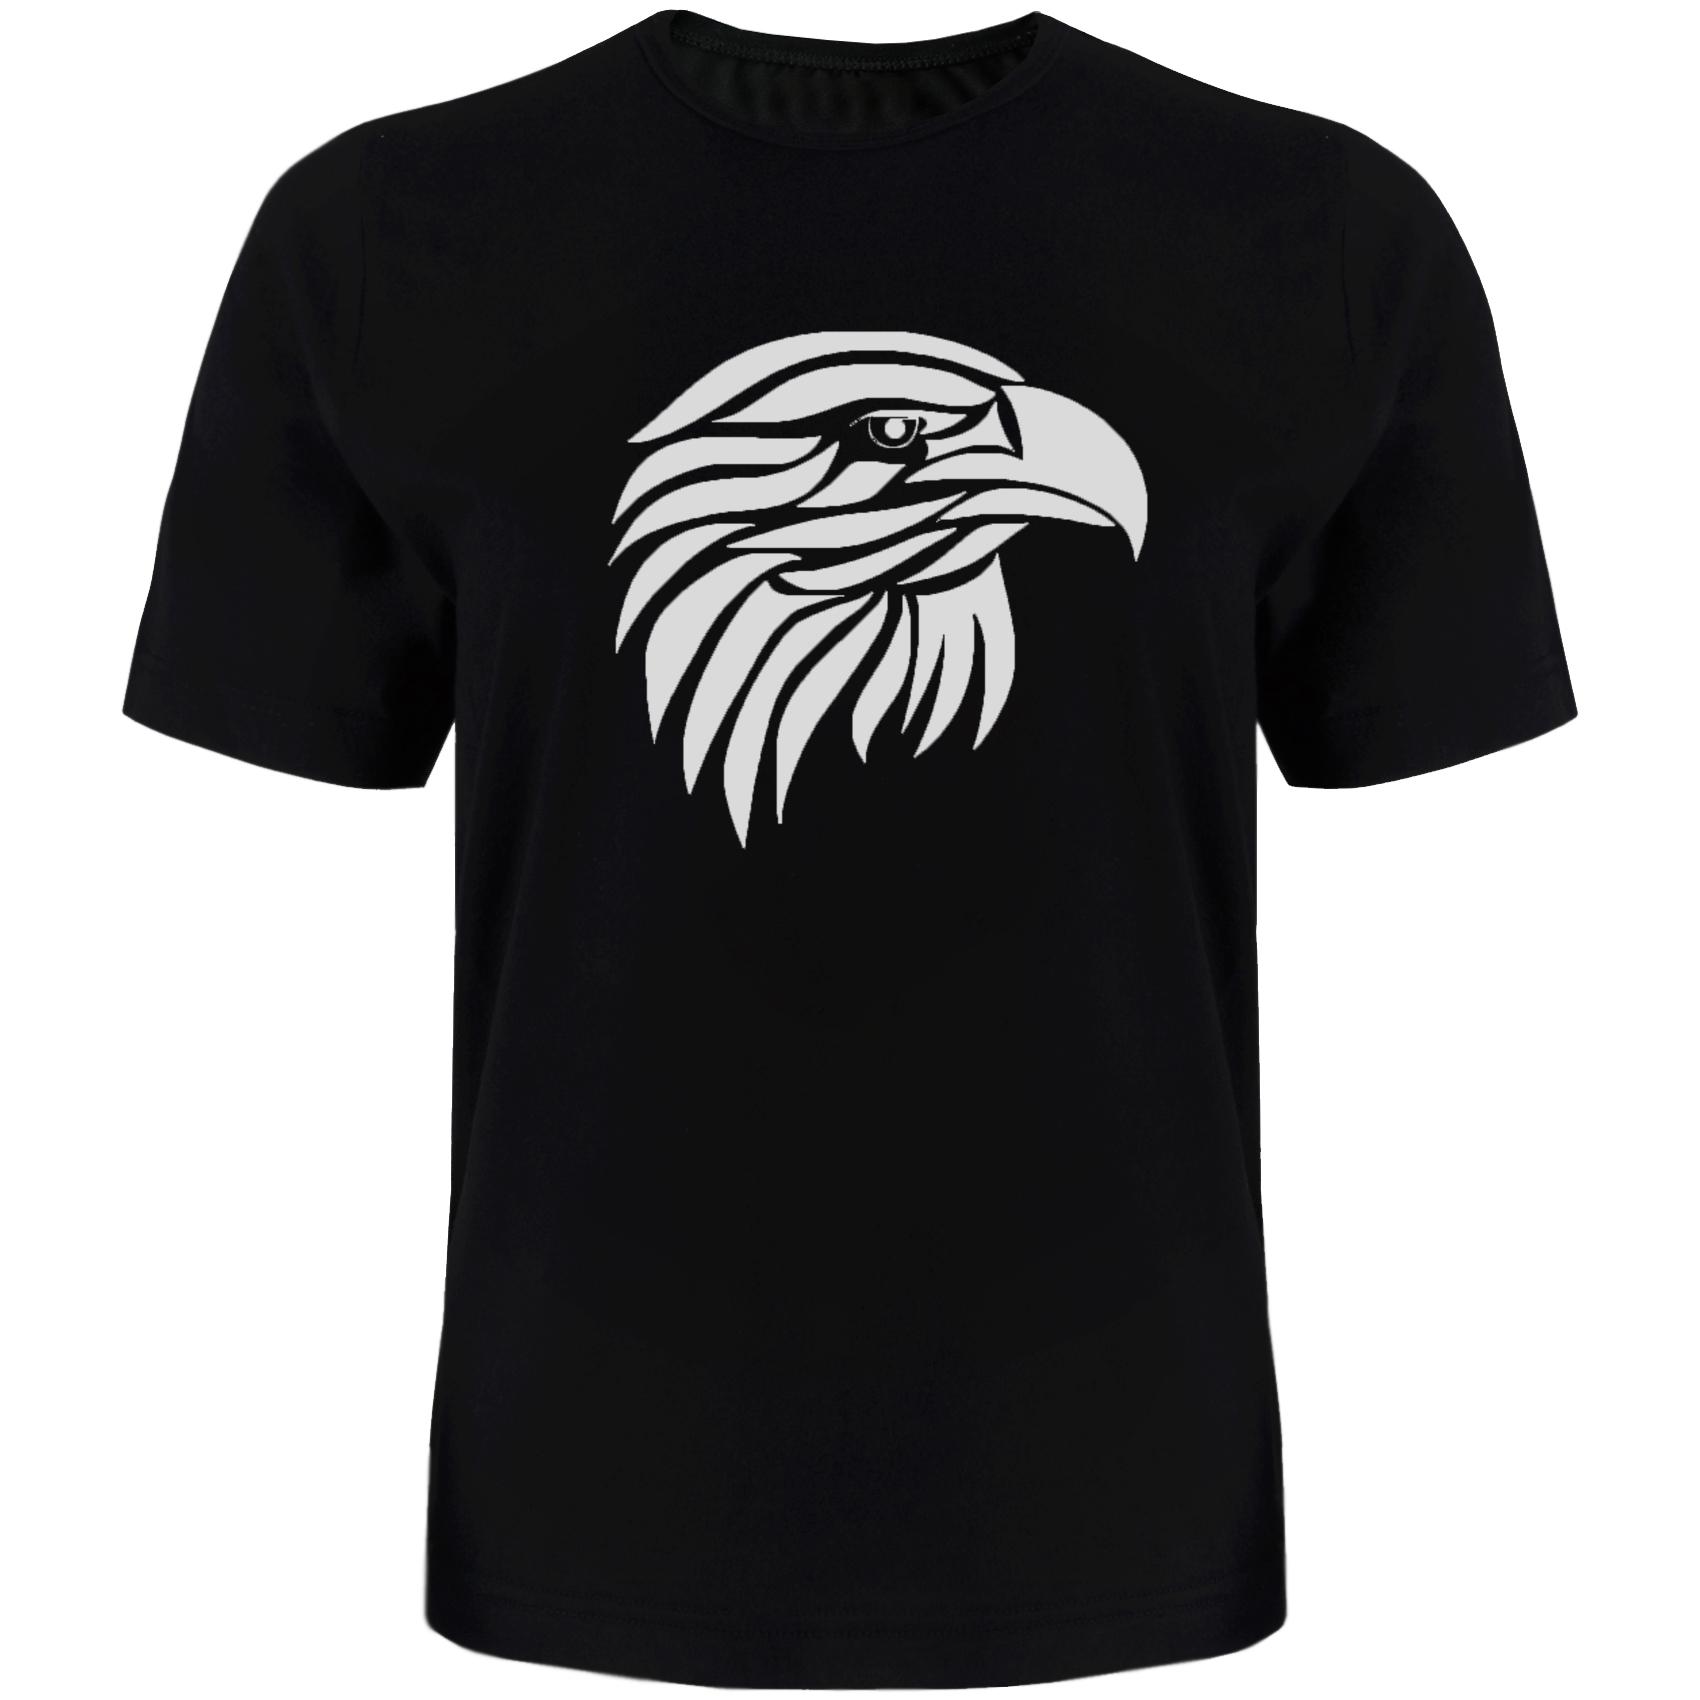 تی شرت آستین کوتاه مردانه طرح عقاب کد TR05 رنگ مشکی